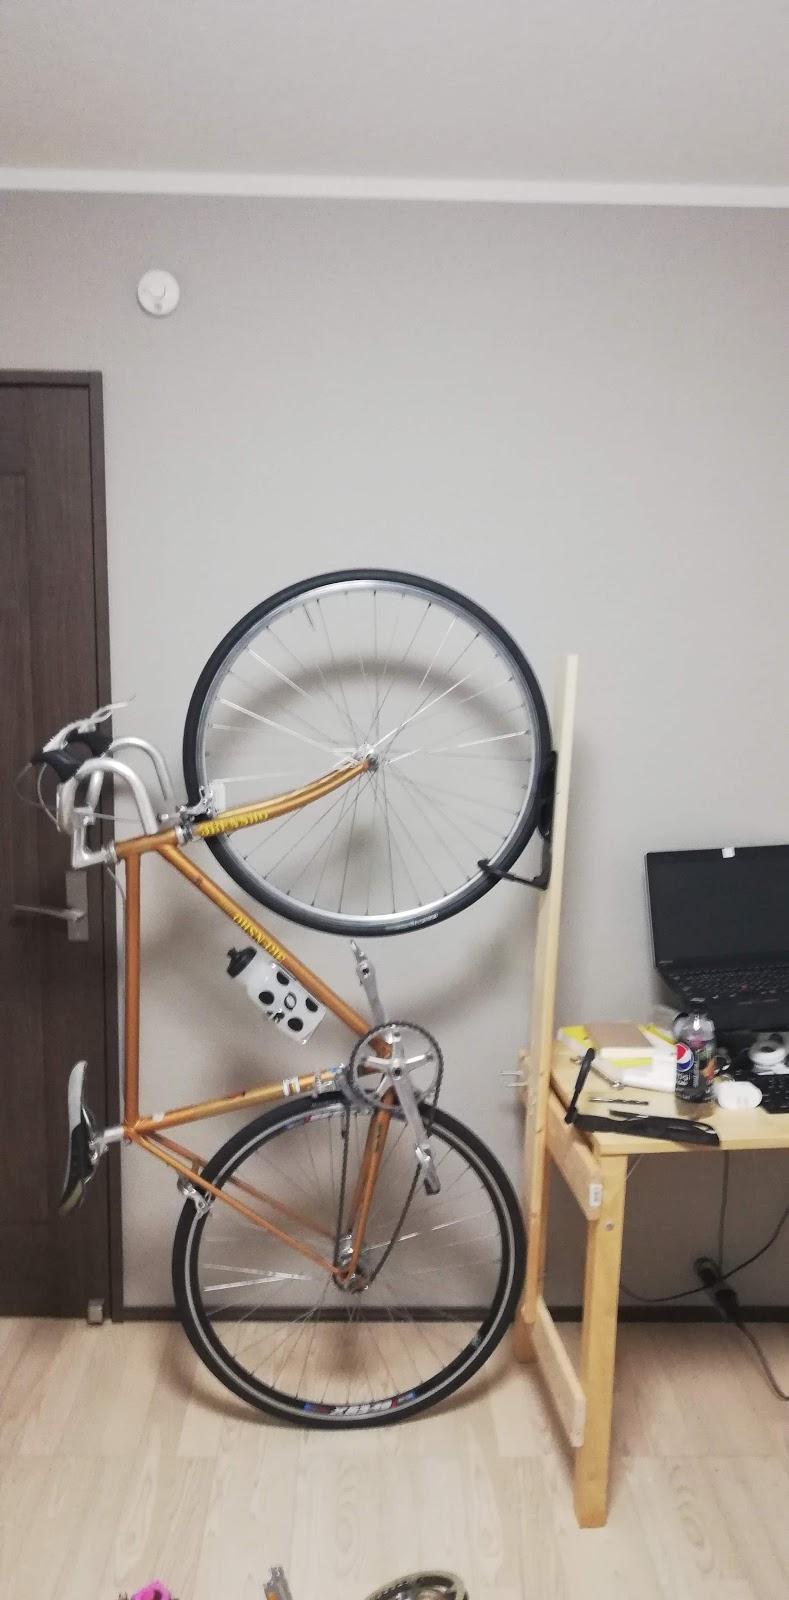 2度のdiyで改善を重ねた自転車の縦置き 3度めは縦置きスタンドを導入した話